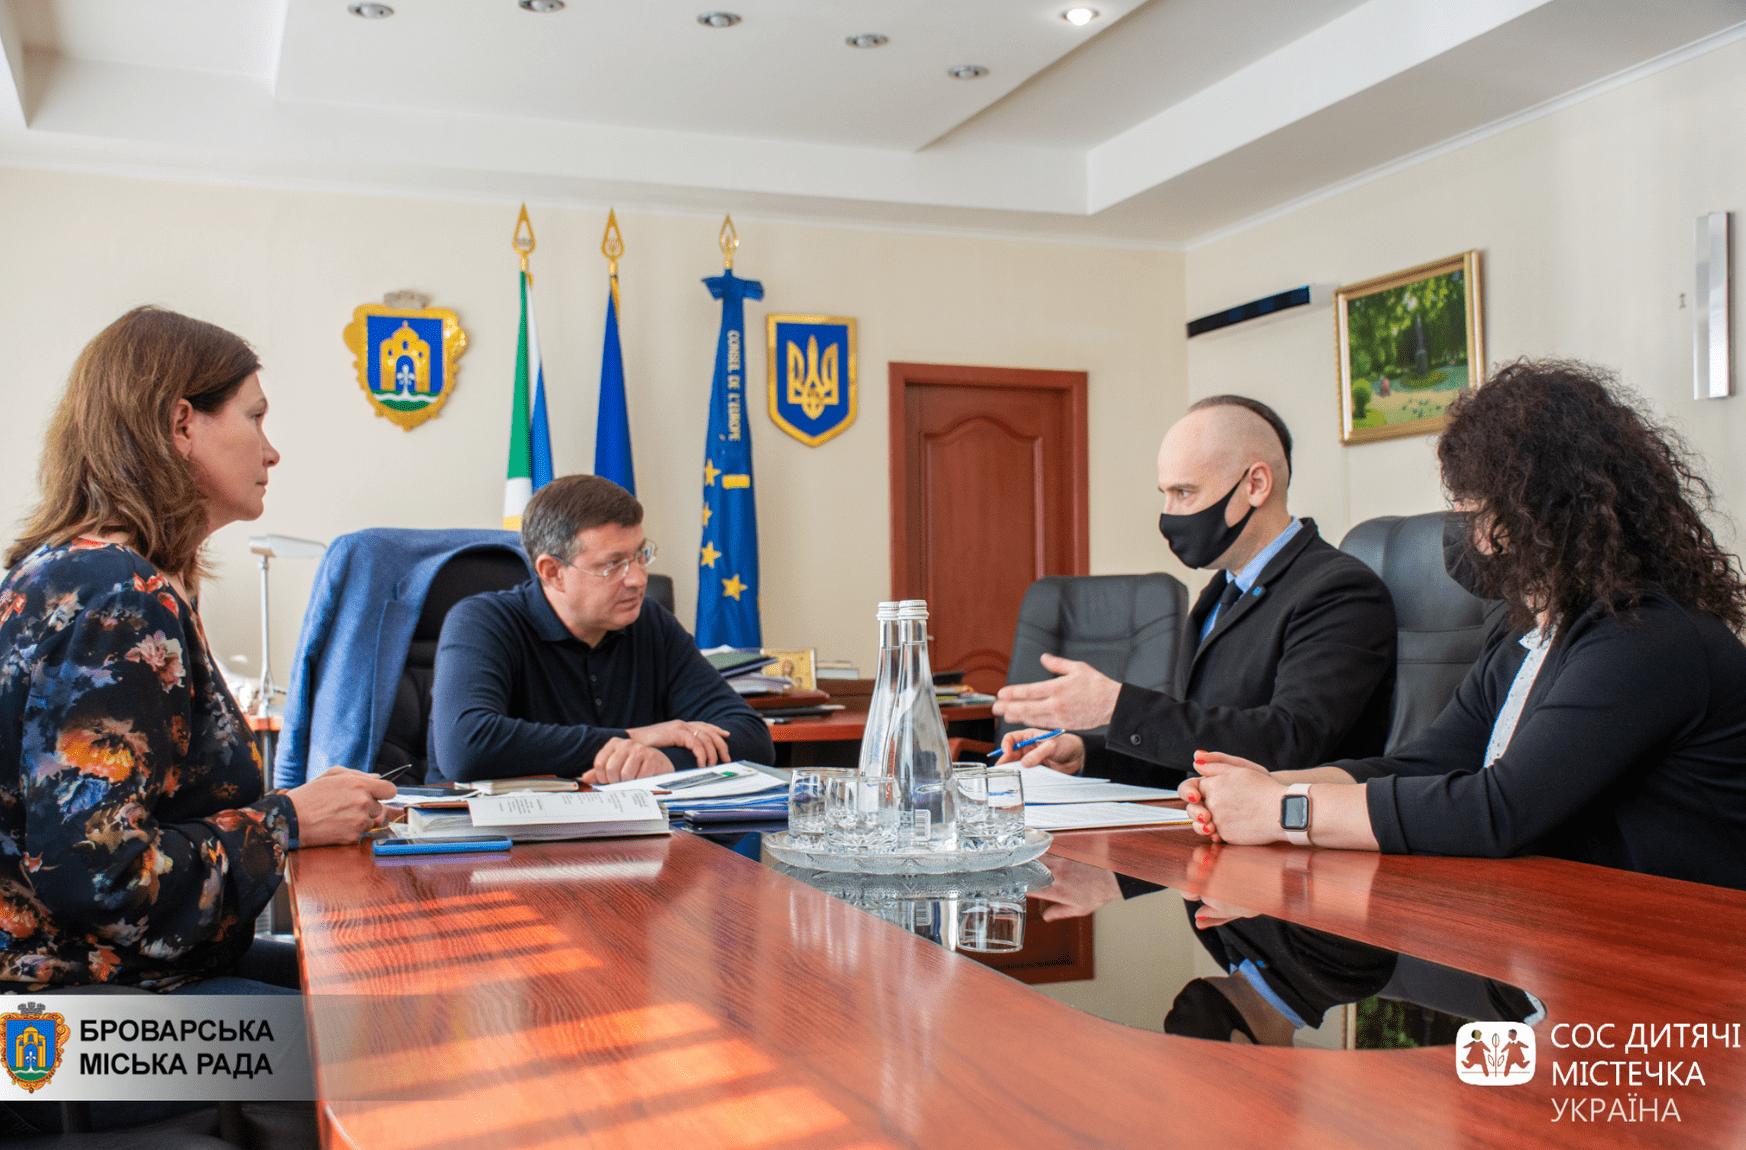 Відбулося підписання Меморандуму між Броварською міською радою та благодійною організацією СОС Дитячі Містечка Україна